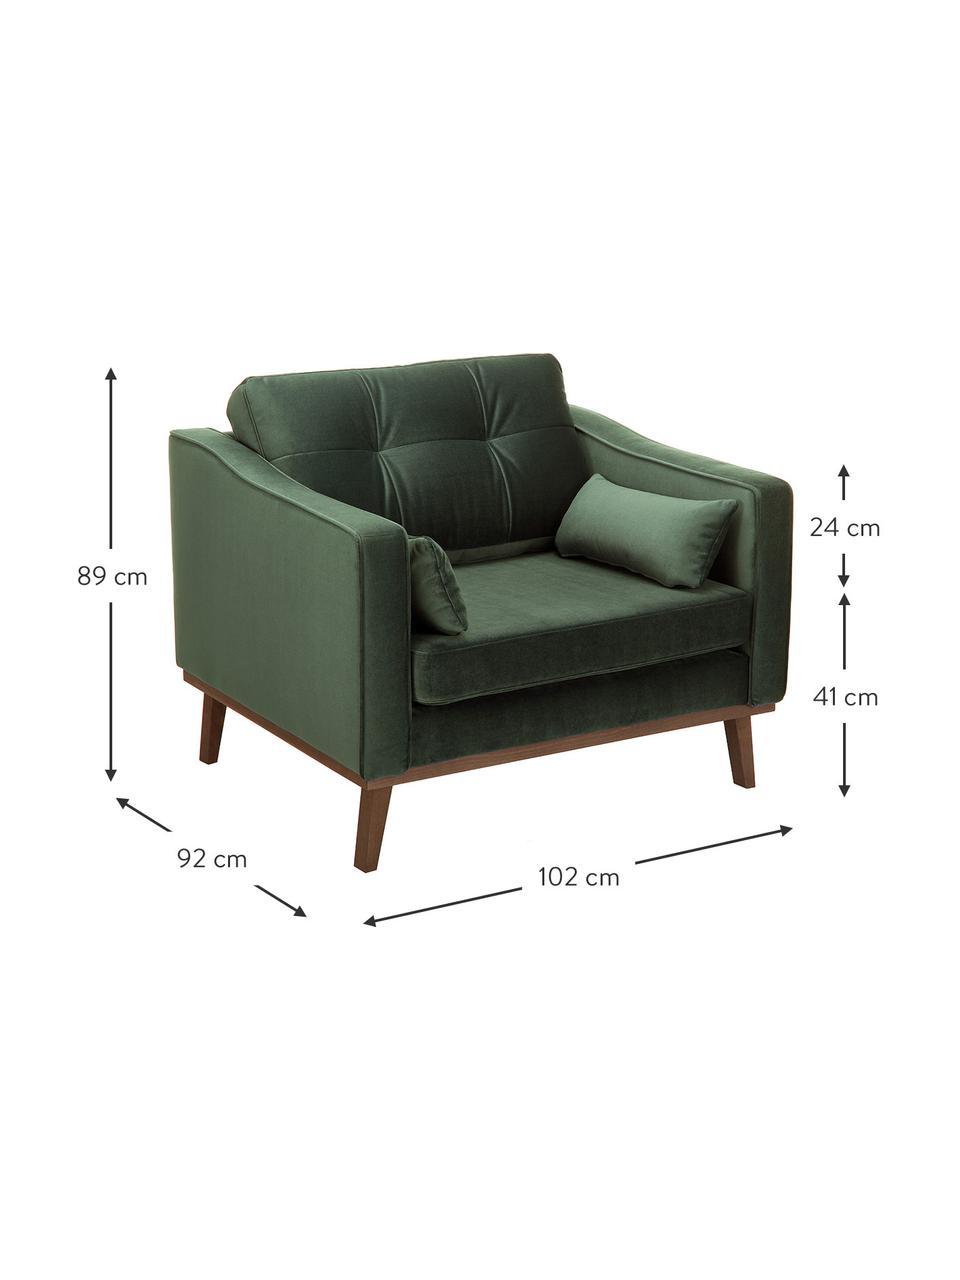 Klassieke fluwelen fauteuil Alva in groen met beukenhouten poten, Bekleding: fluweel (hoogwaardig poly, Frame: massief grenenhout, Poten: massief gebeitst beukenho, Olijfgroen, B 102 x D 92 cm